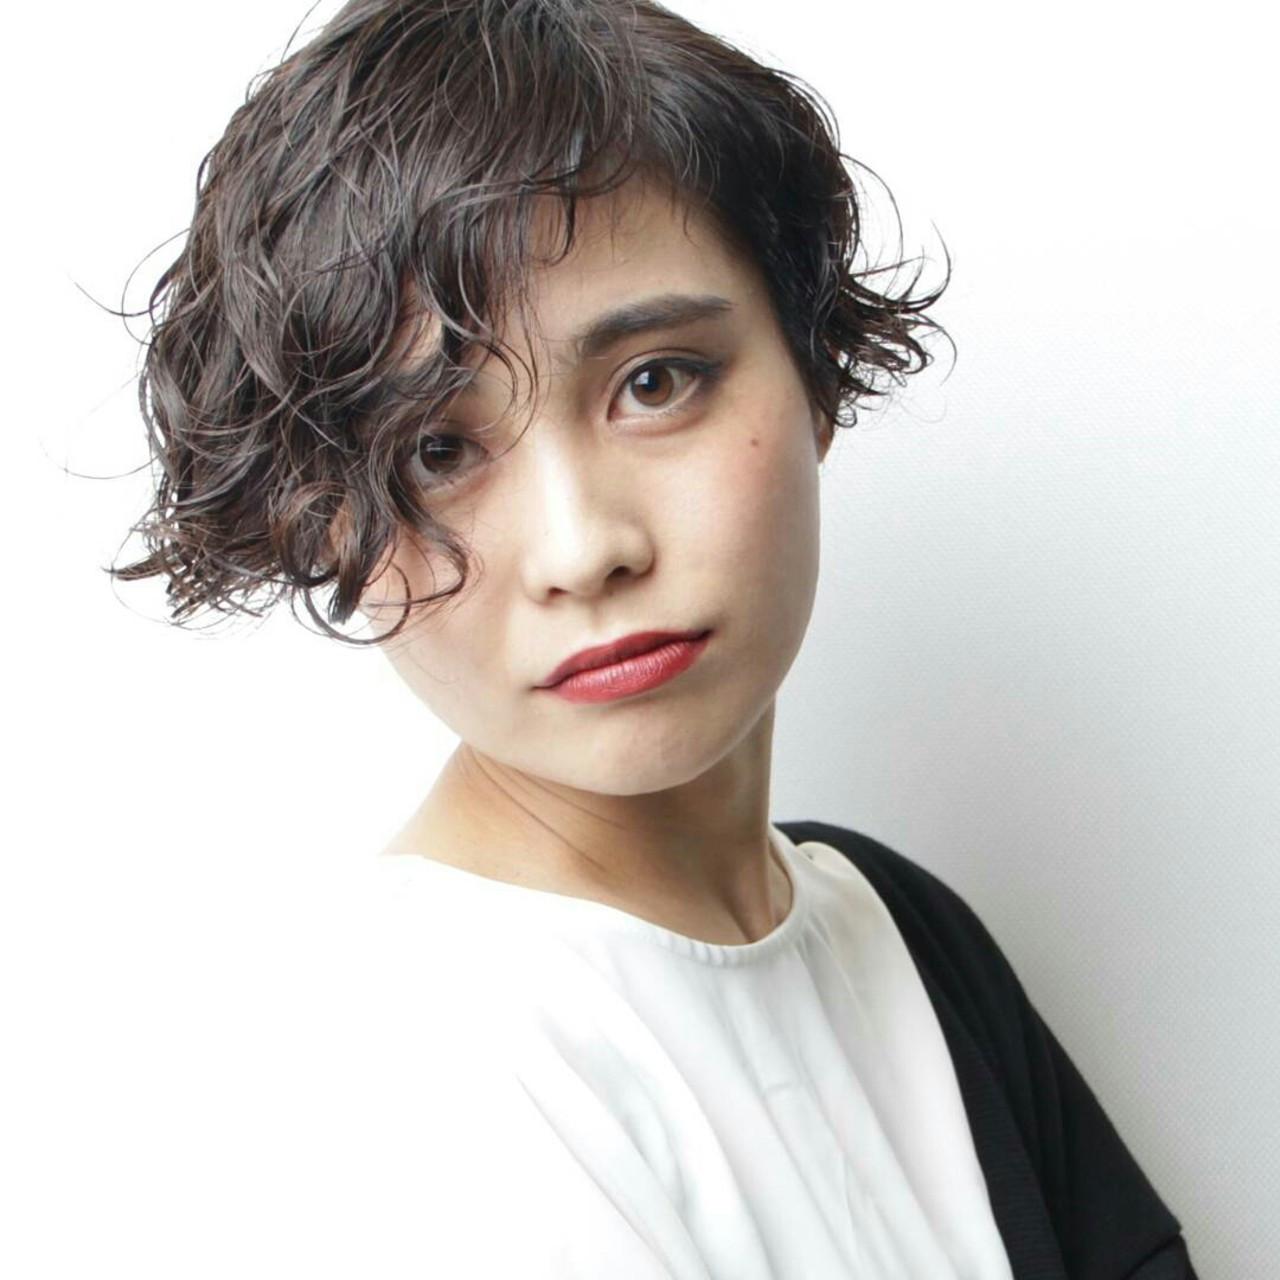 大胆なウエーブ前髪のショートスタイル 阿藤俊也 | PEEK-A-BOO NEWoMan新宿